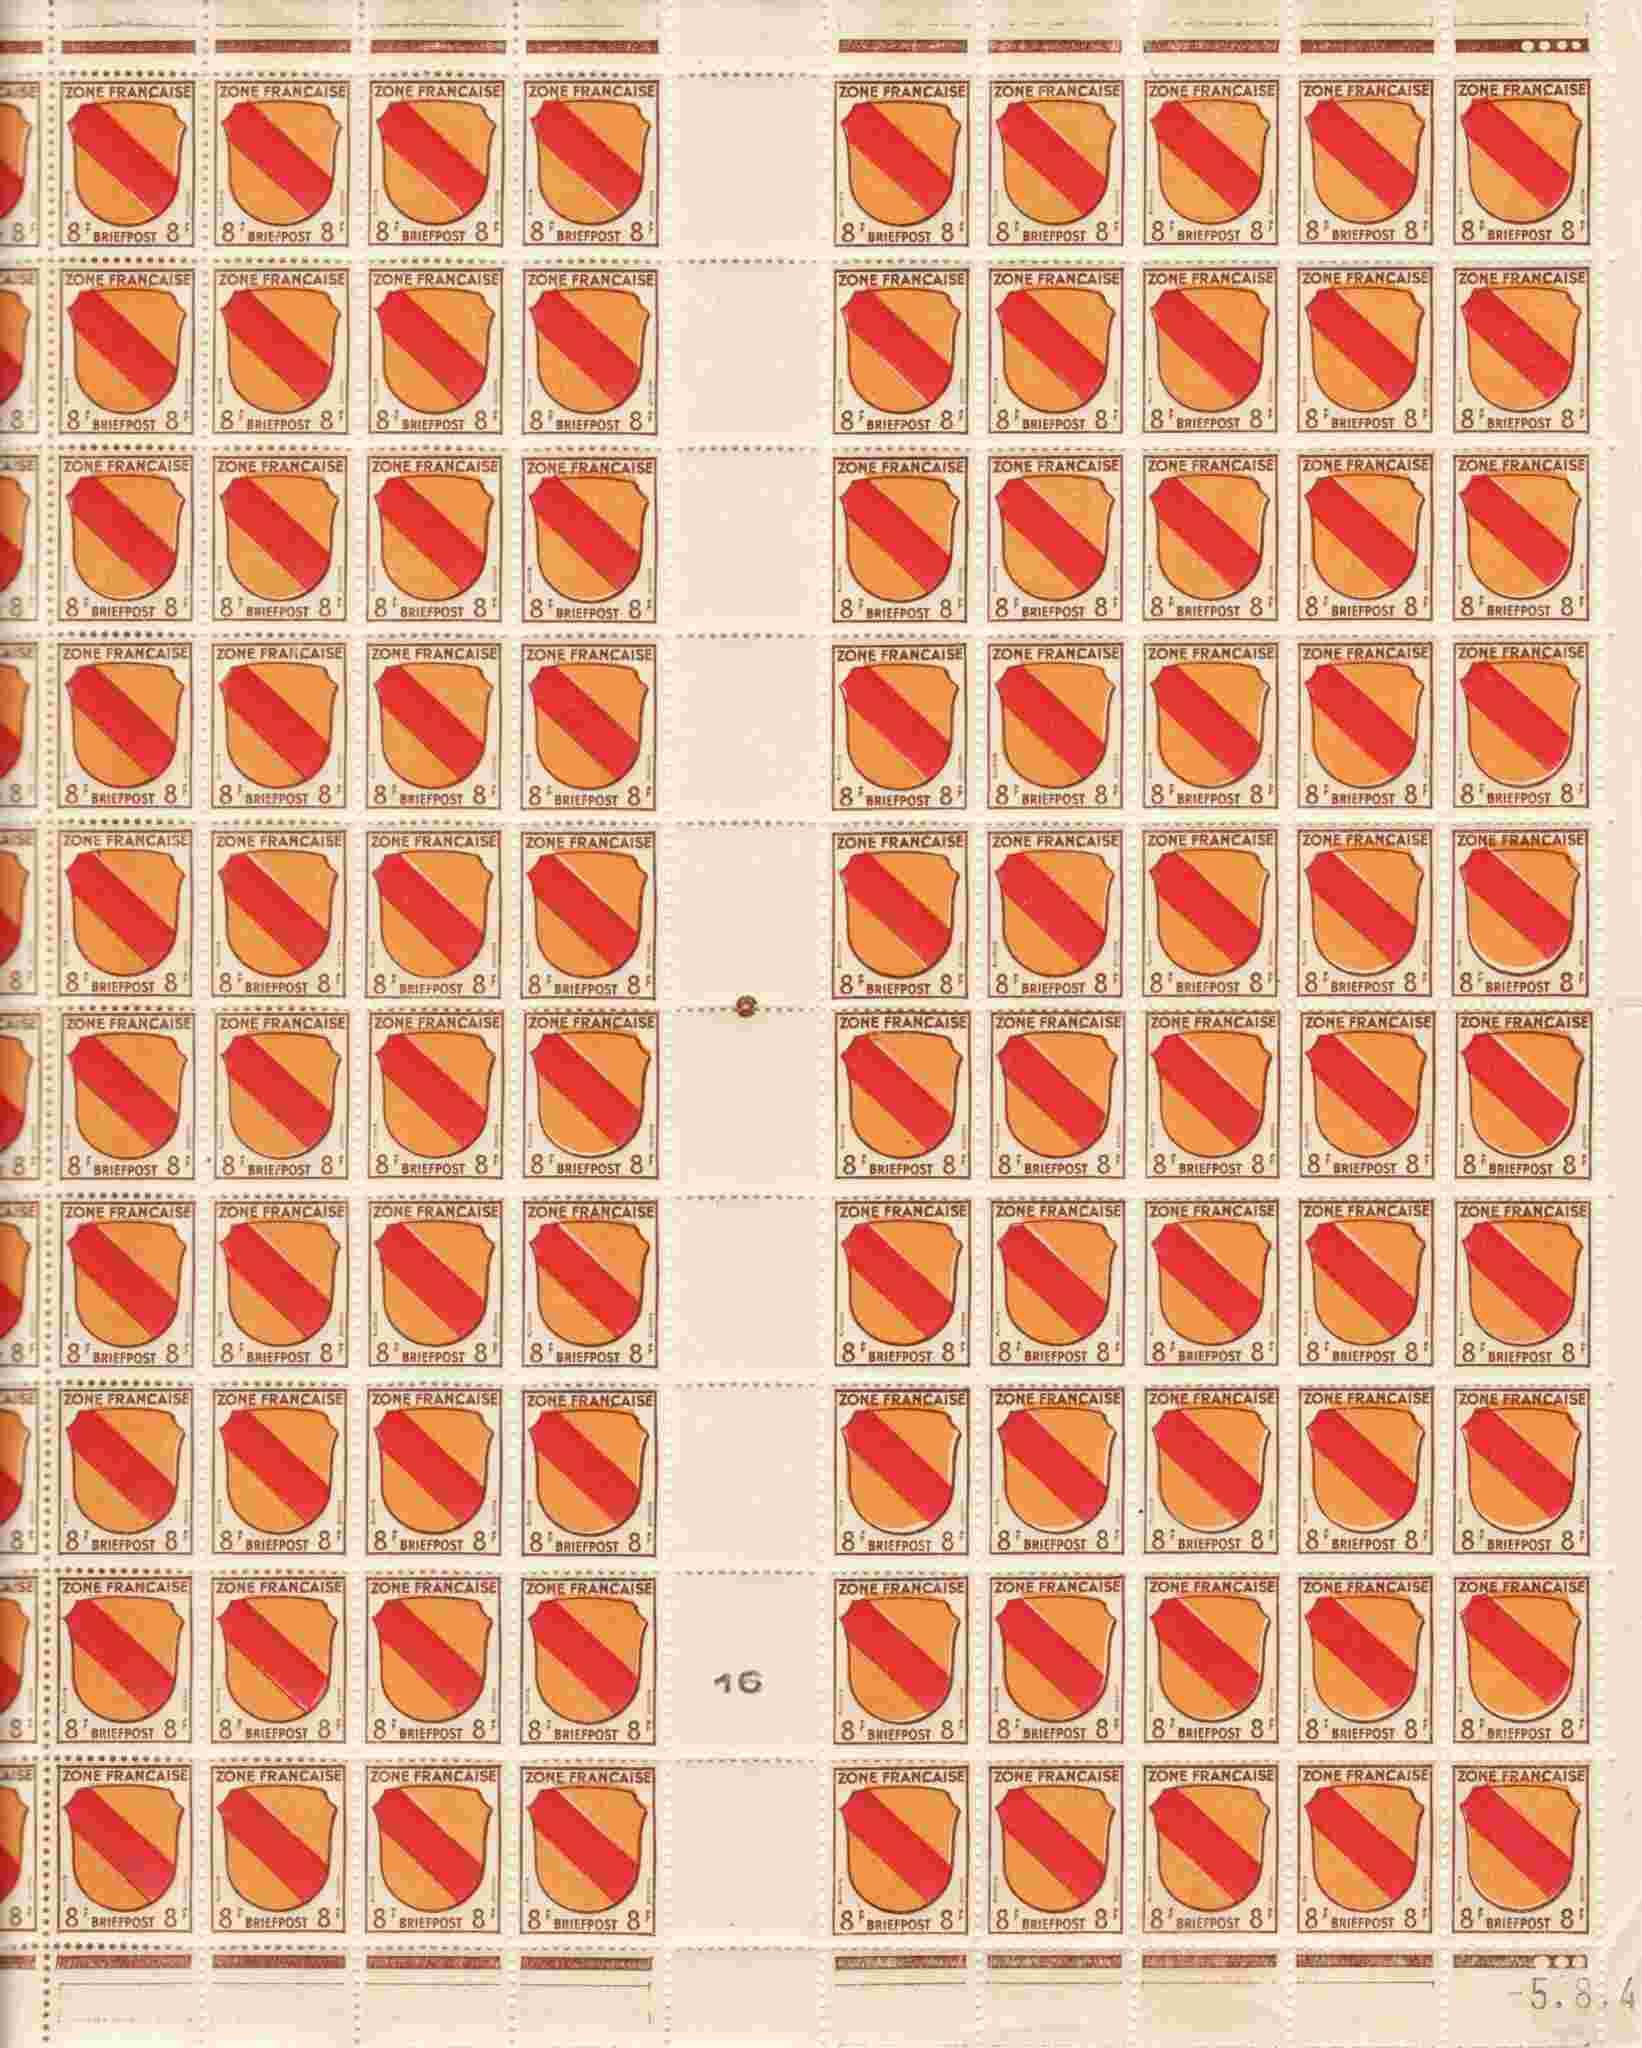 Zone - franz. Zone, Allgemeine Ausgabe/Wappen 4ai-ii10